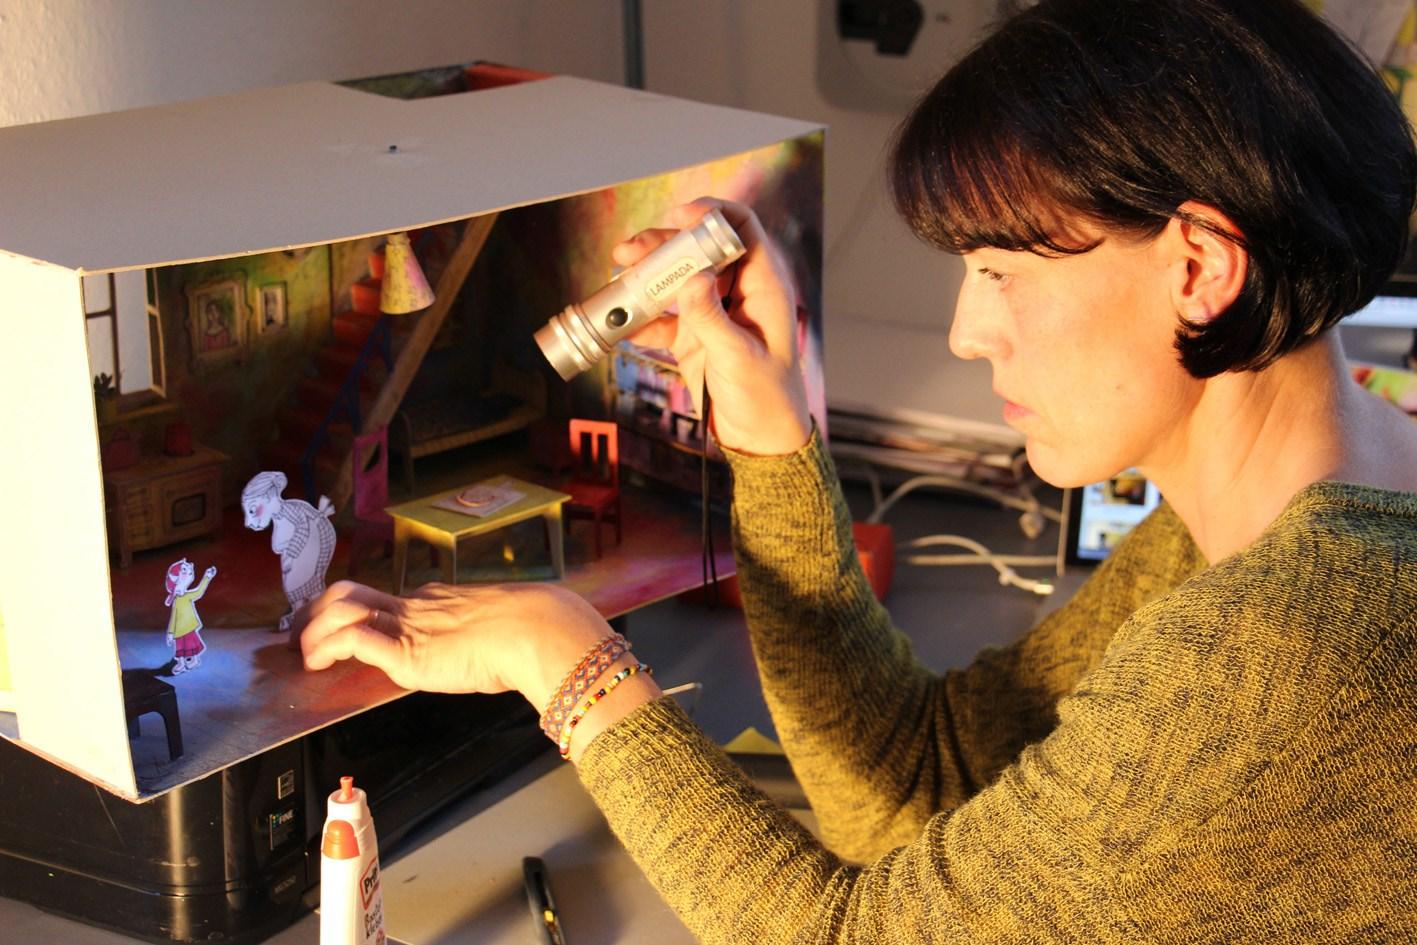 Giennale: Bilderbuchkino & Workshop für Kinder mit Antje Damm